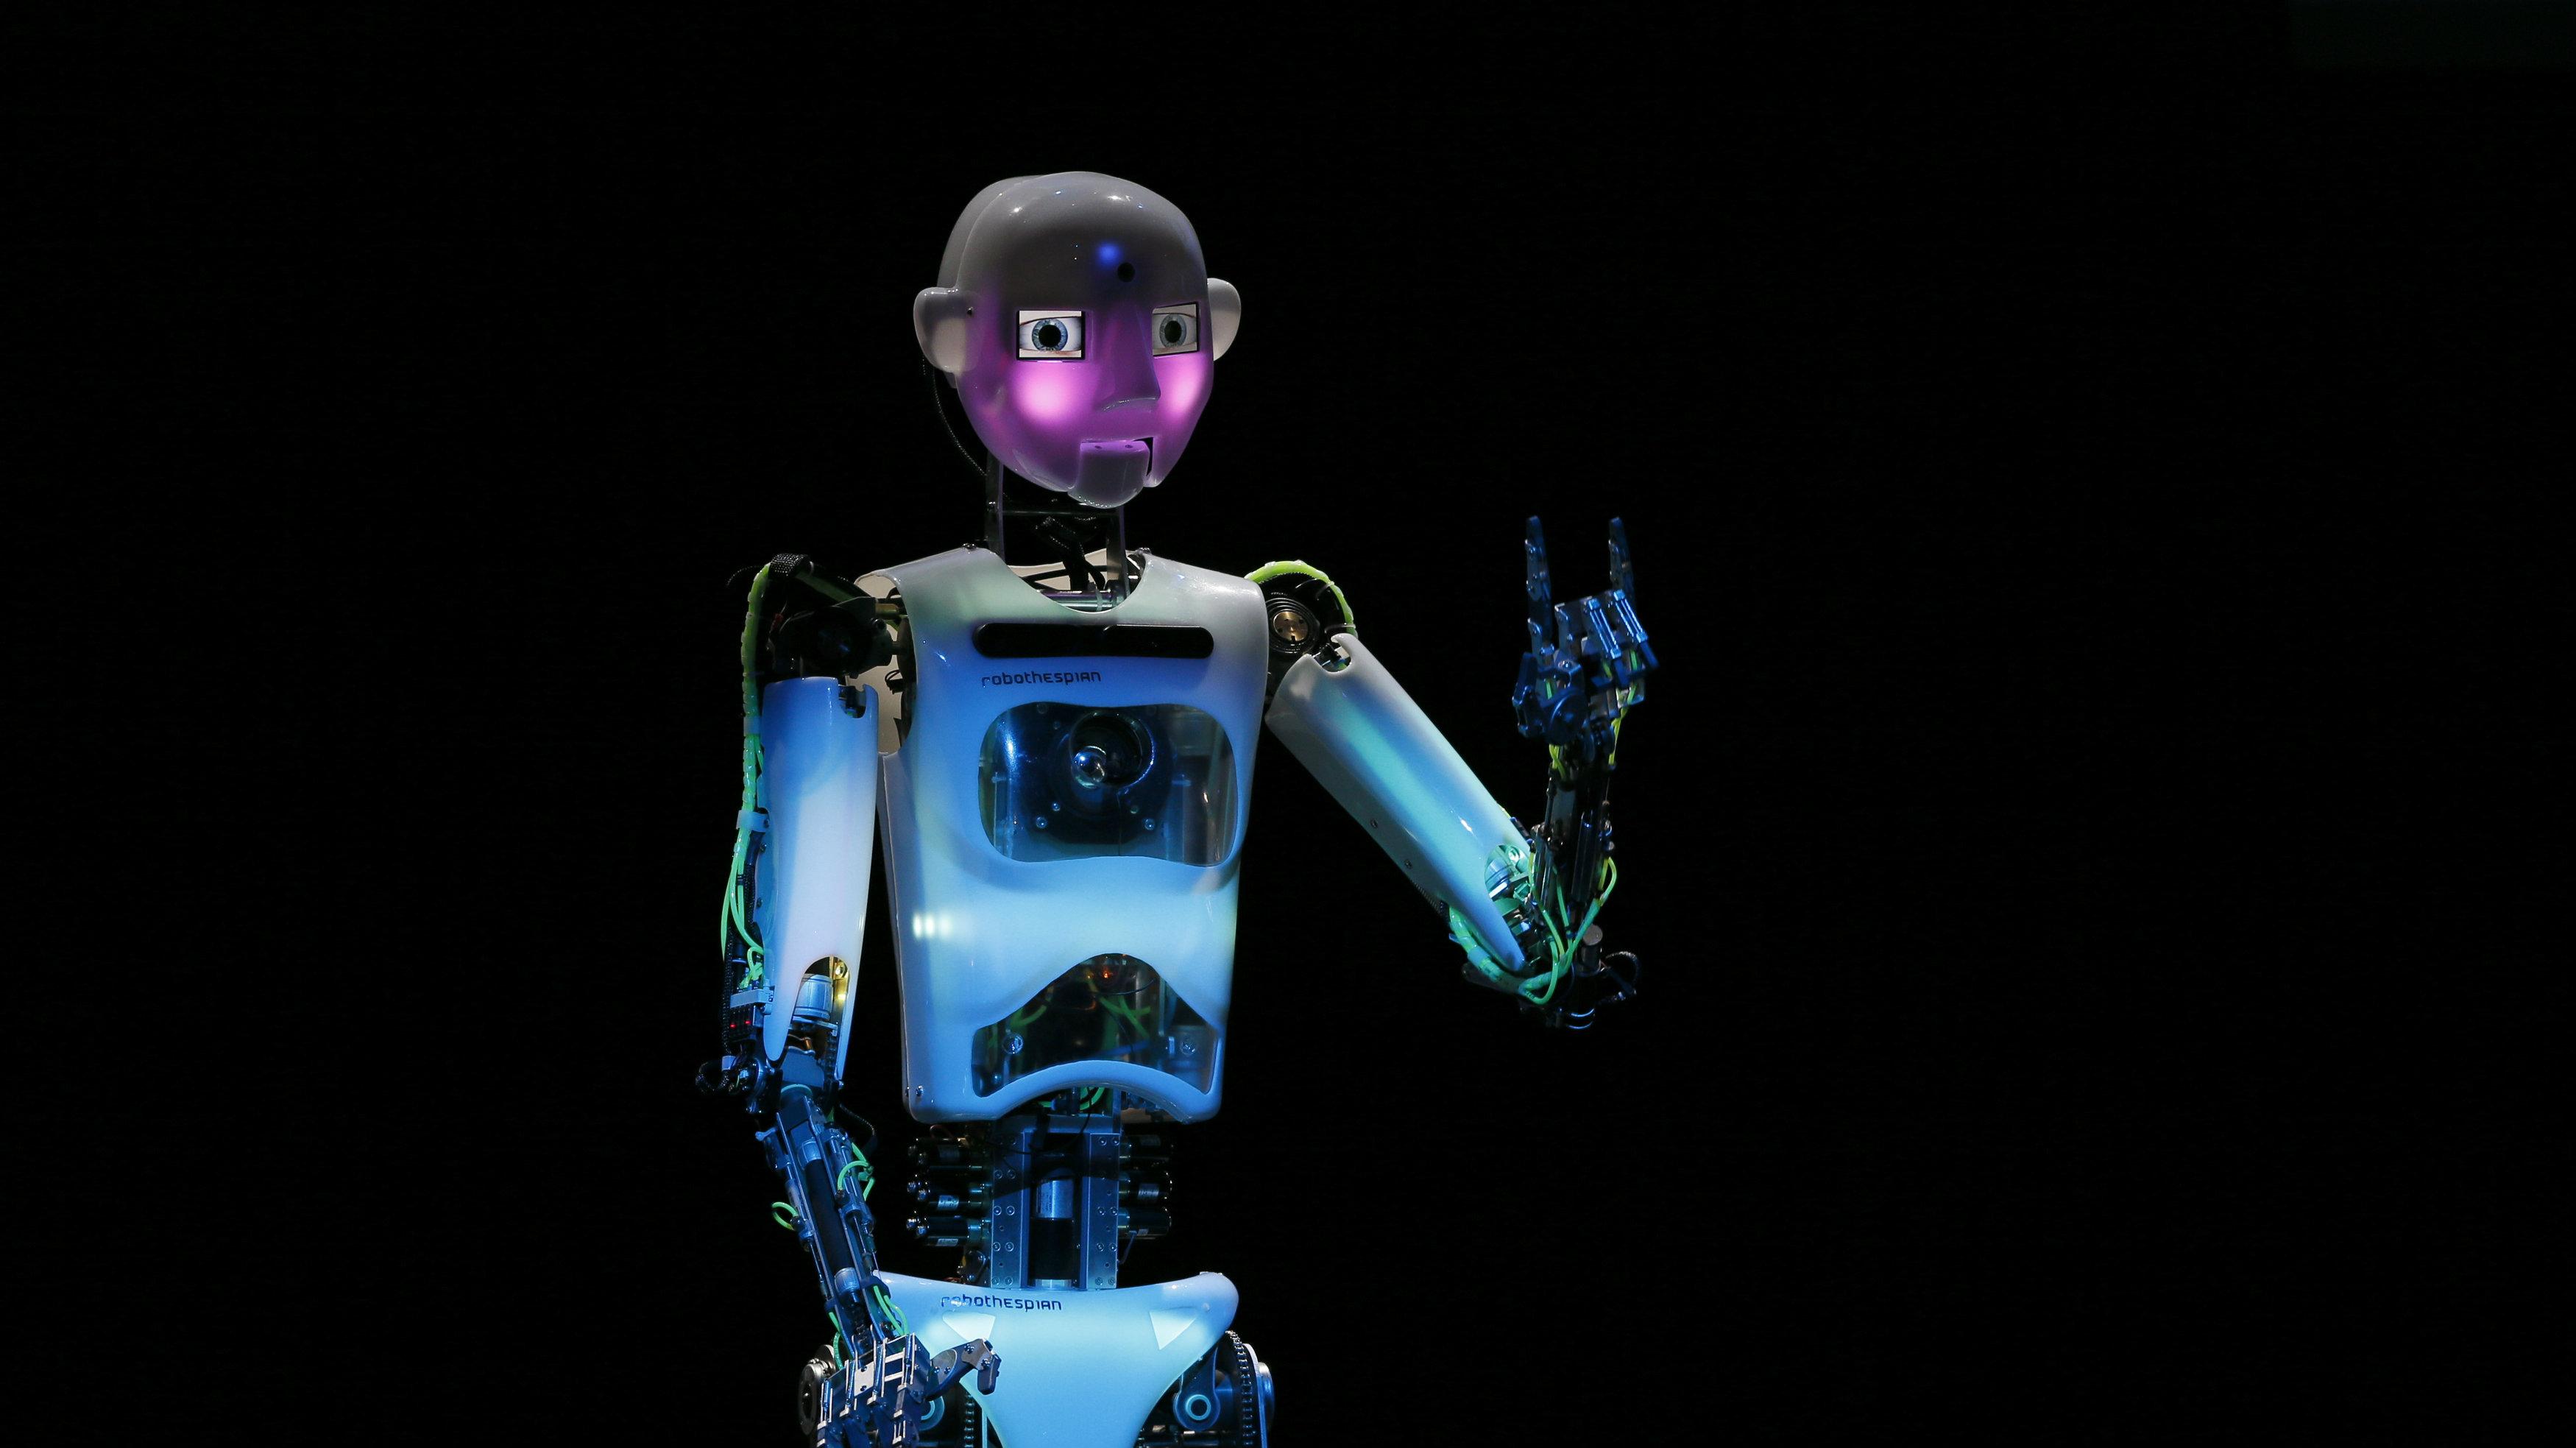 Humanoid robot of British company RoboThespian.